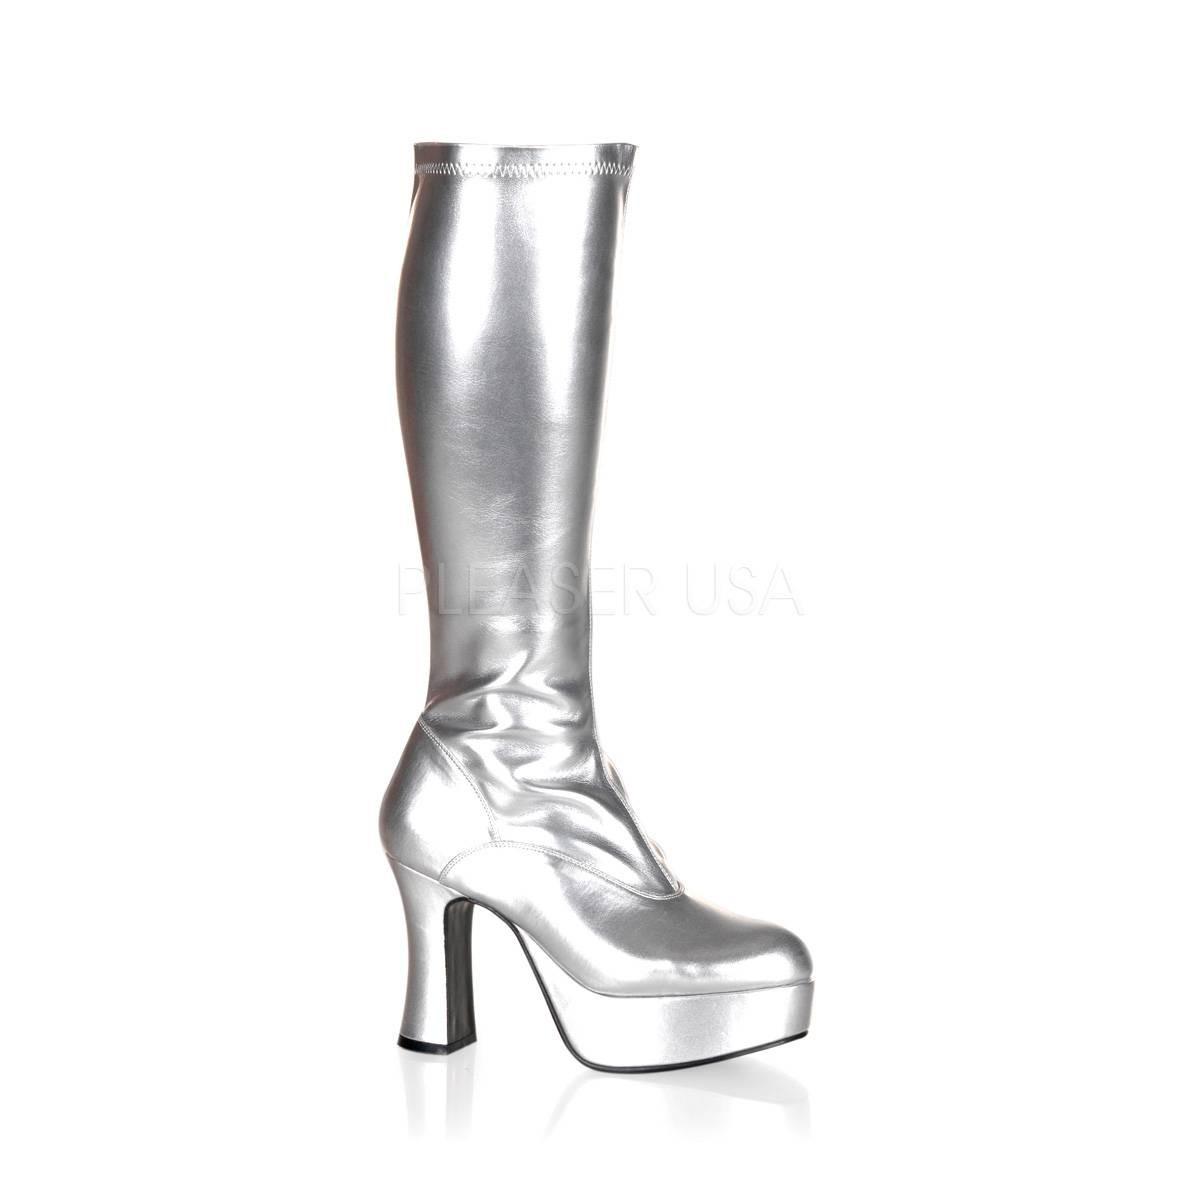 Stiefel - EXOTICA 2000 ° Damen Stiefel ° Silber Glänzend ° Funtasma  - Onlineshop RedSixty